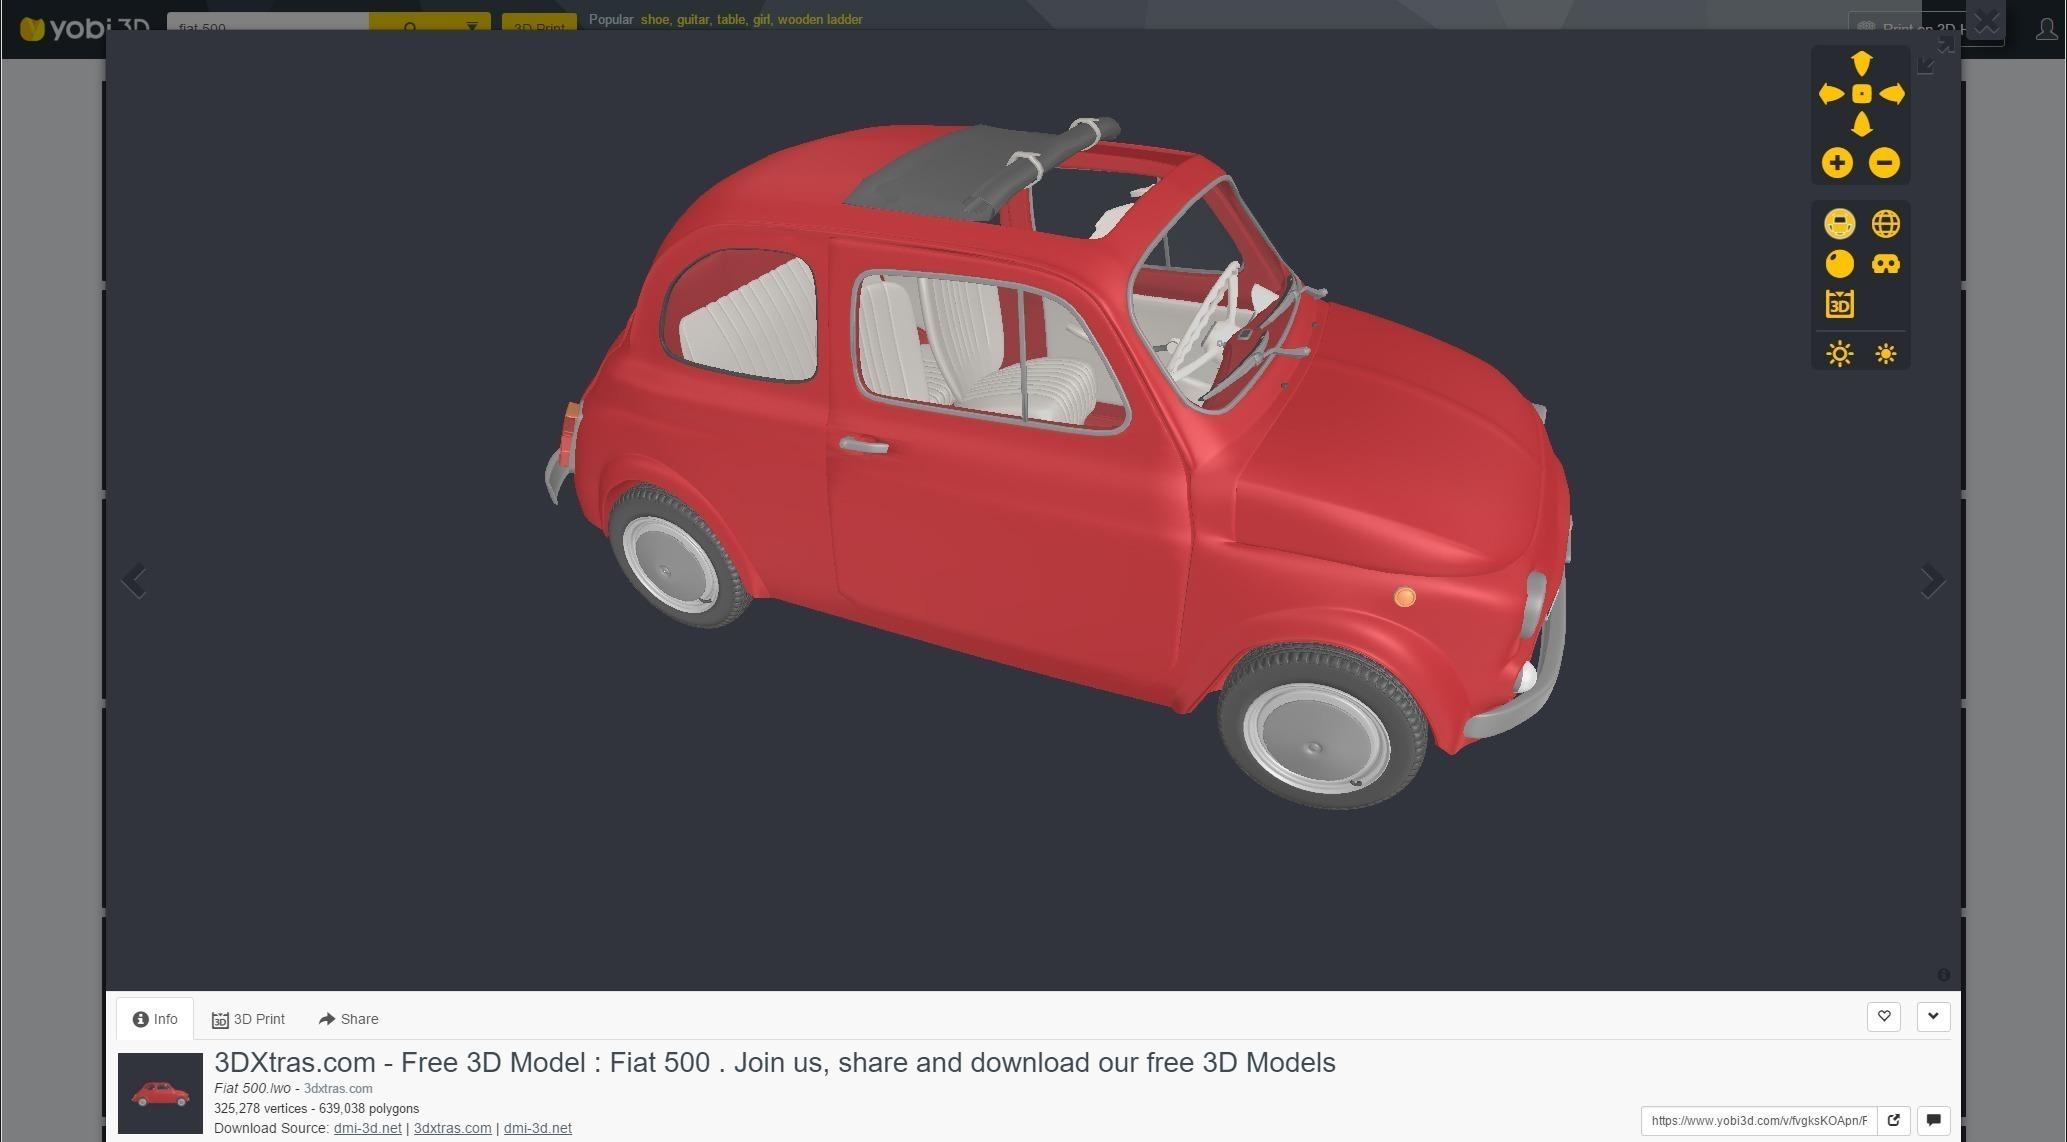 yobi-3d-model-search-01